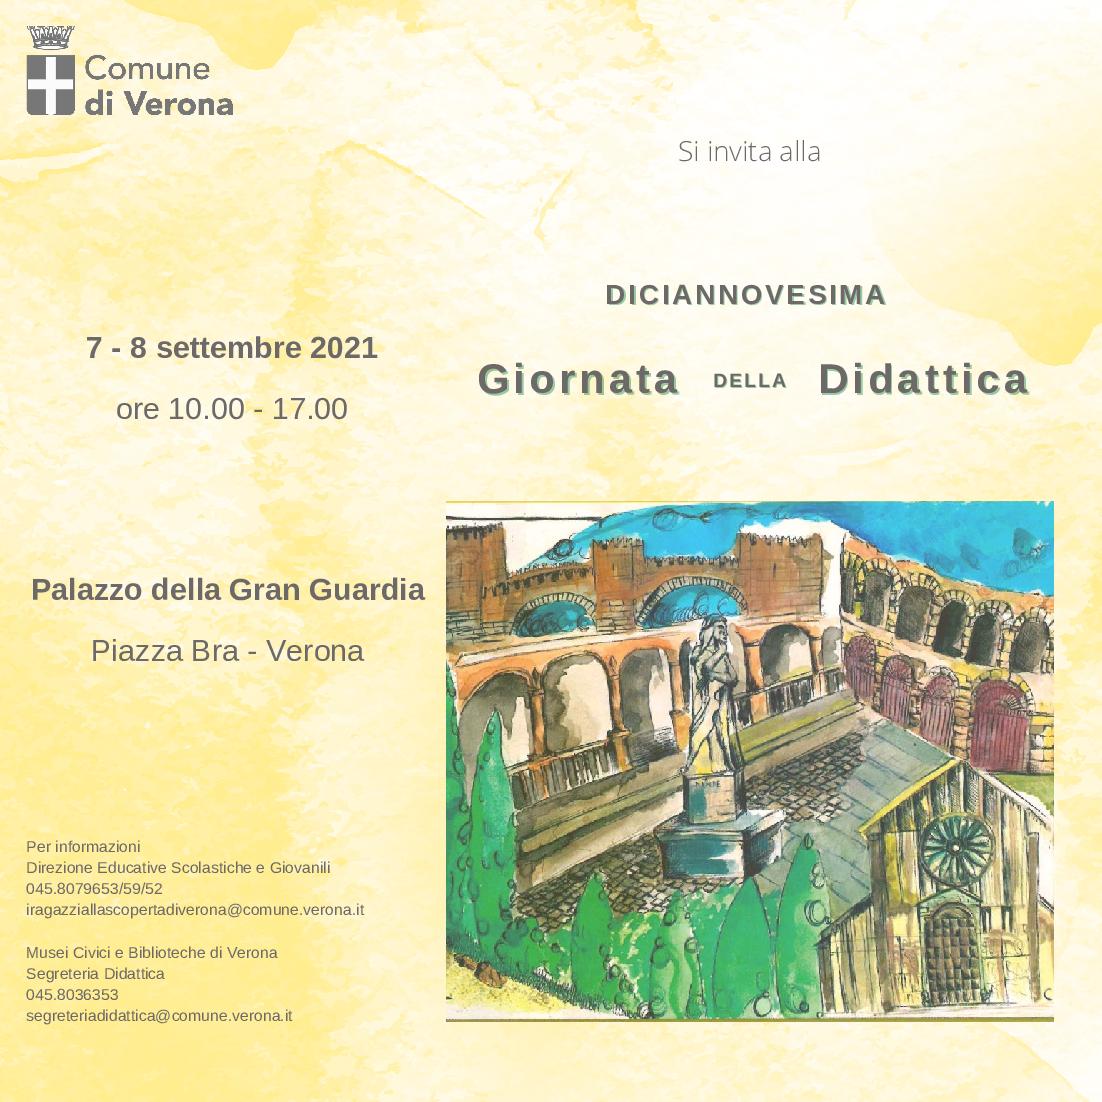 2_pdfsam_Copia-di-DICIANNOVESIMA-GIORNATA-_2_